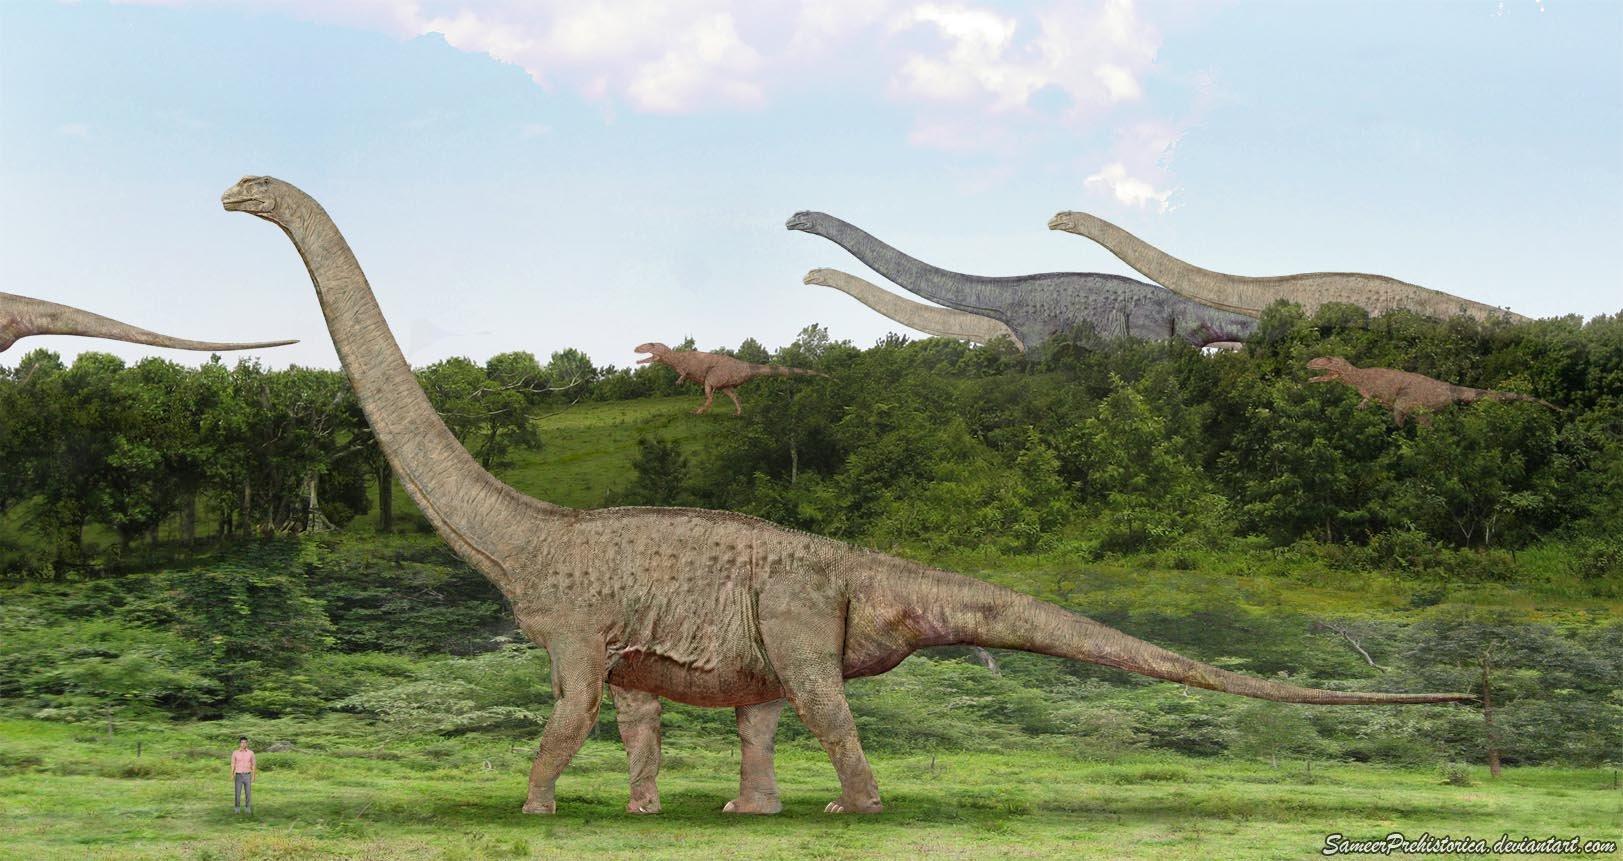 ВКанаде ученые показали отлично сохранившуюся «мумию» динозавра